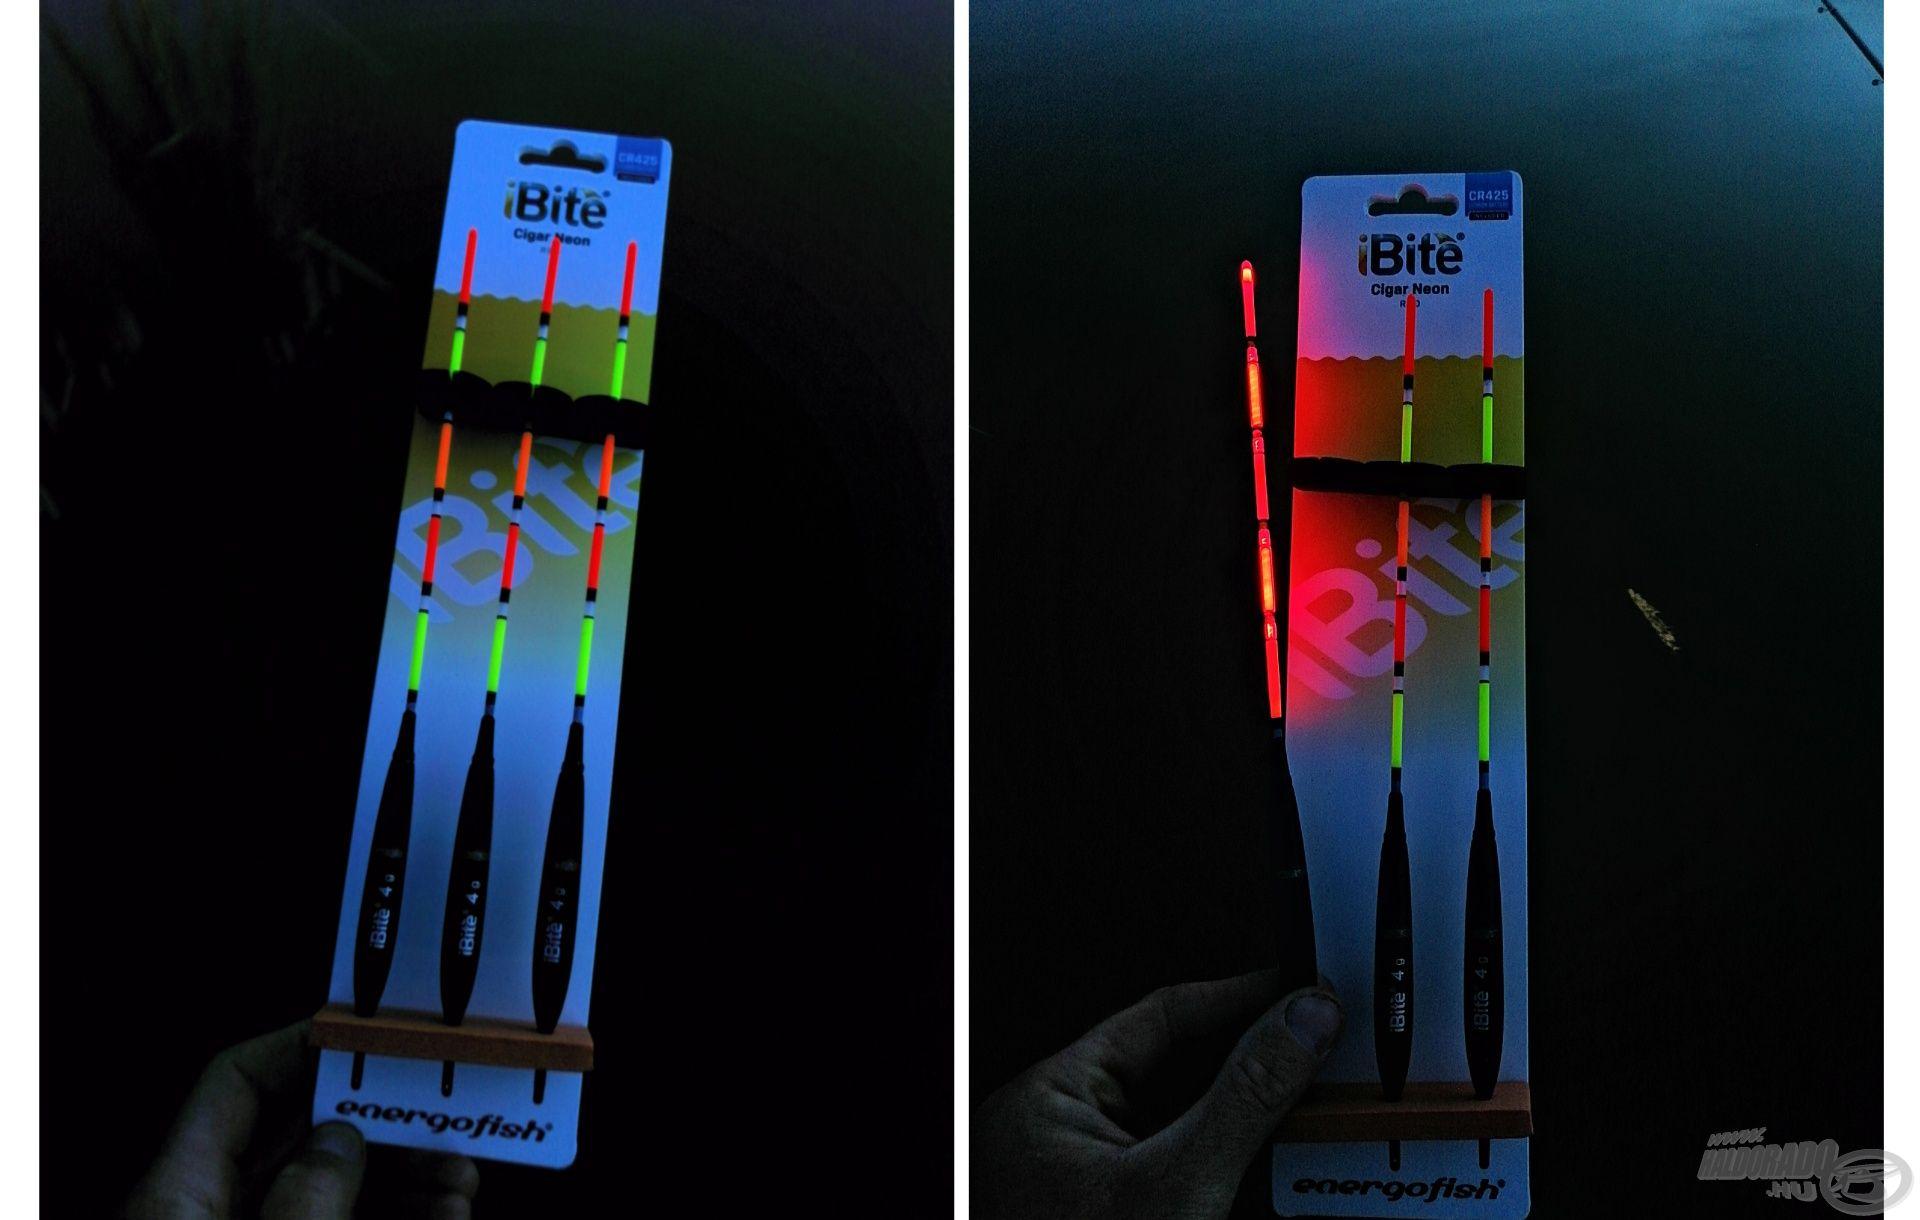 A család legszínesebb modellje a balsafa testű, világító műanyag multicolor antennával ellátott pontyos úszója, az iBite Cigar Neon Red és Green